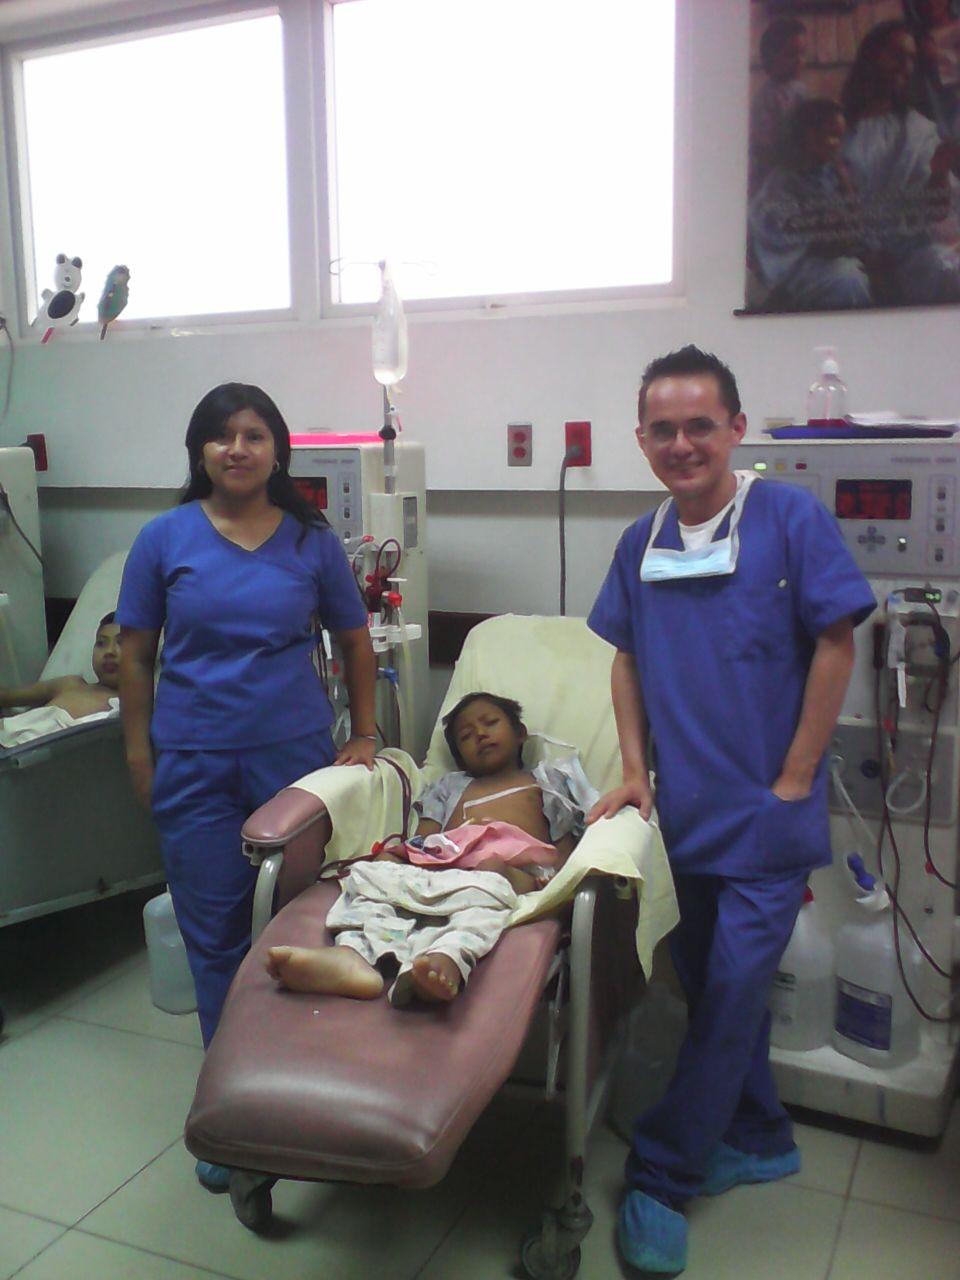 Aroldo at his internship as a dialysis technician